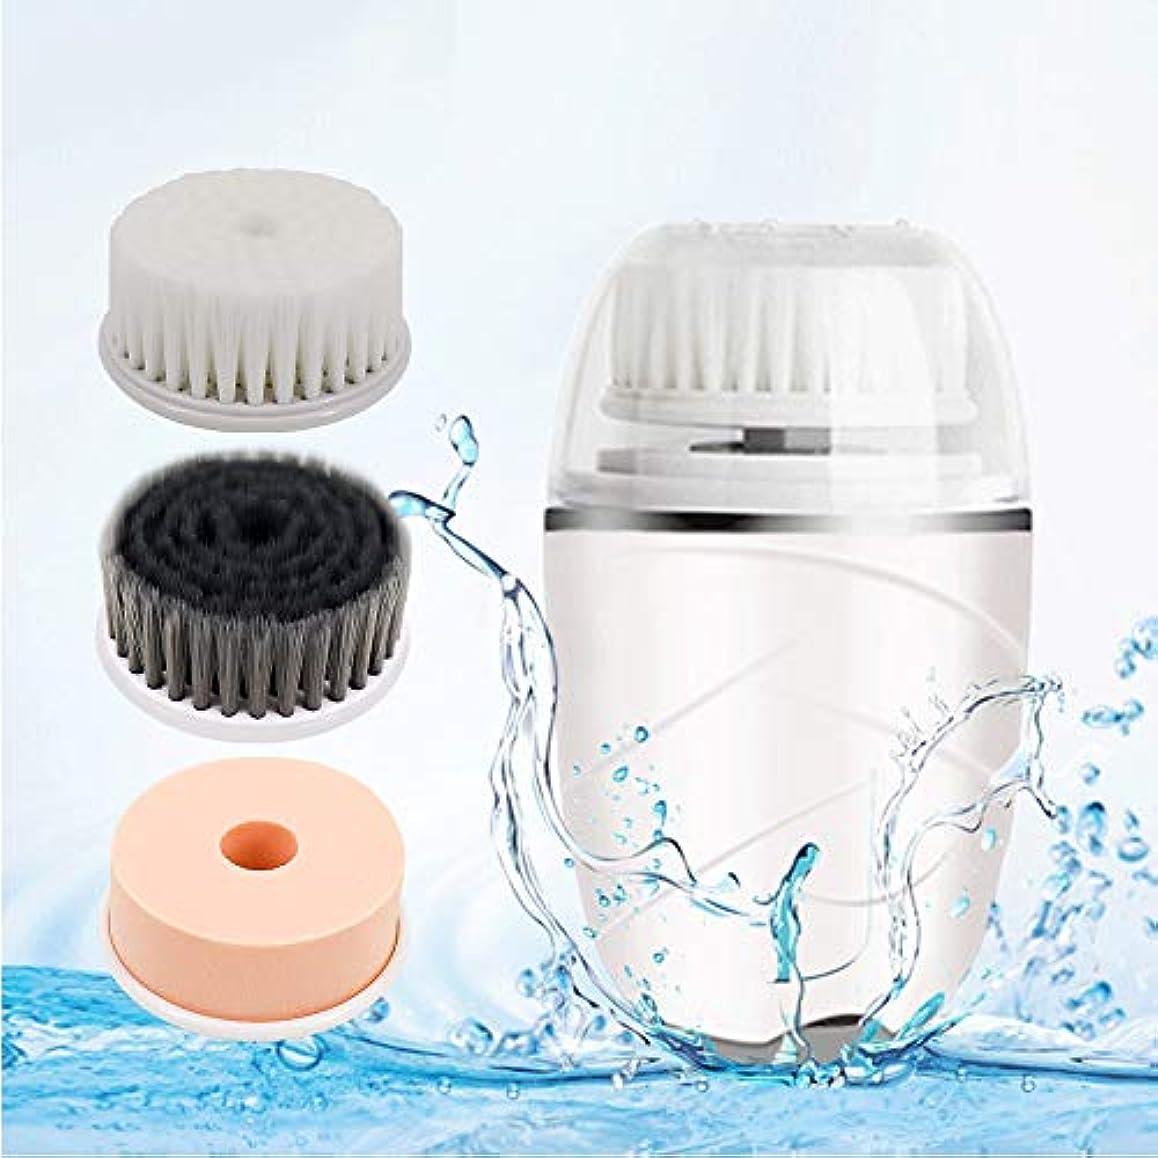 ひいきにする分子スティックHiKiNS 電動 洗顔ブラシ 音波クリーナー 毛穴ケア 多機能 三つヘッド付き 2段階スピード 深層清潔 ニキビや黒ずみを取り除き 角質除去 - 白